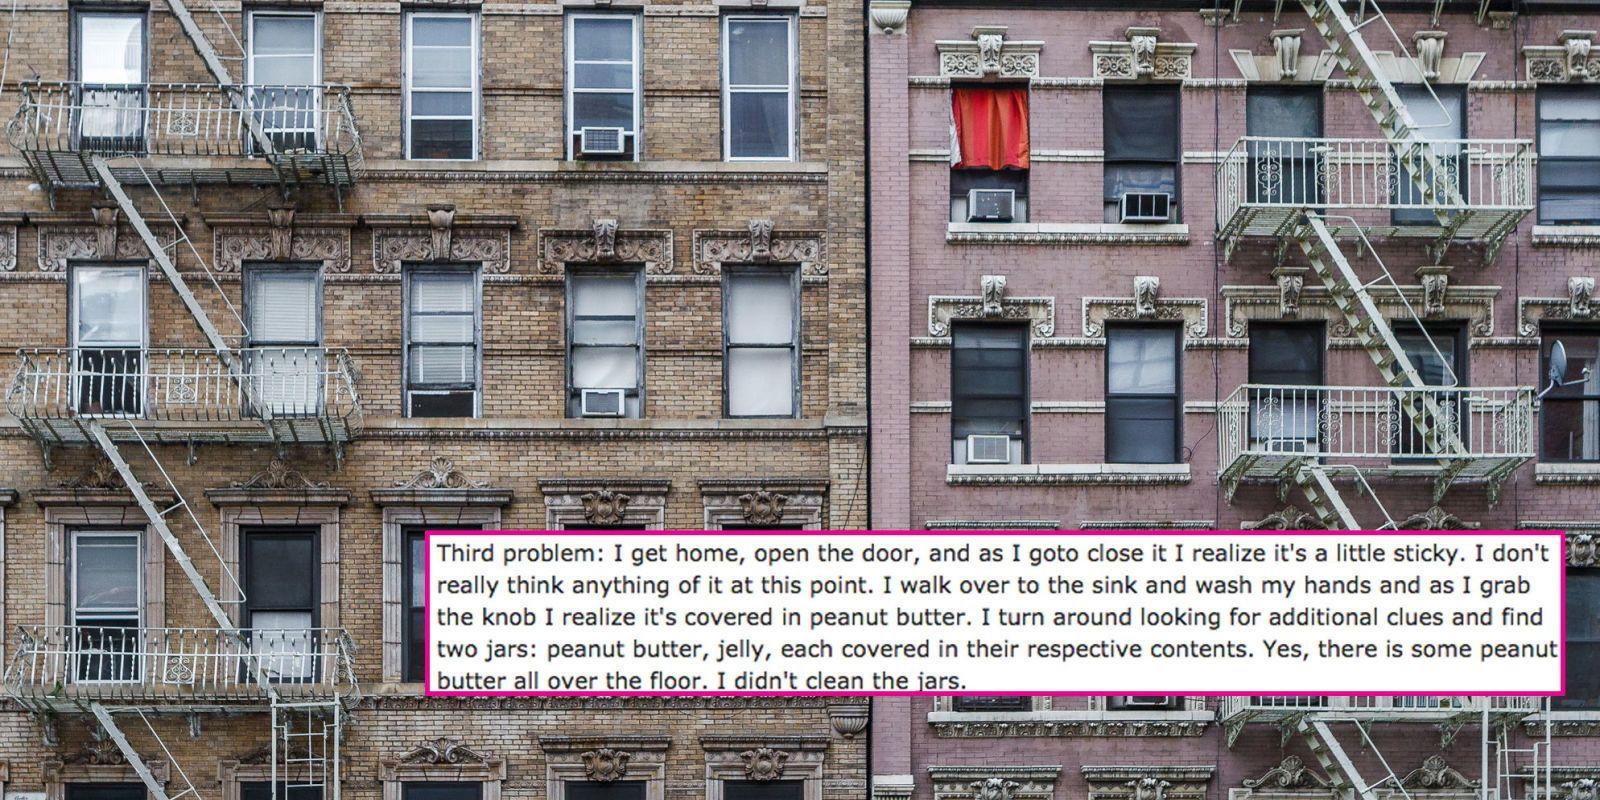 Airbnb hookup stories